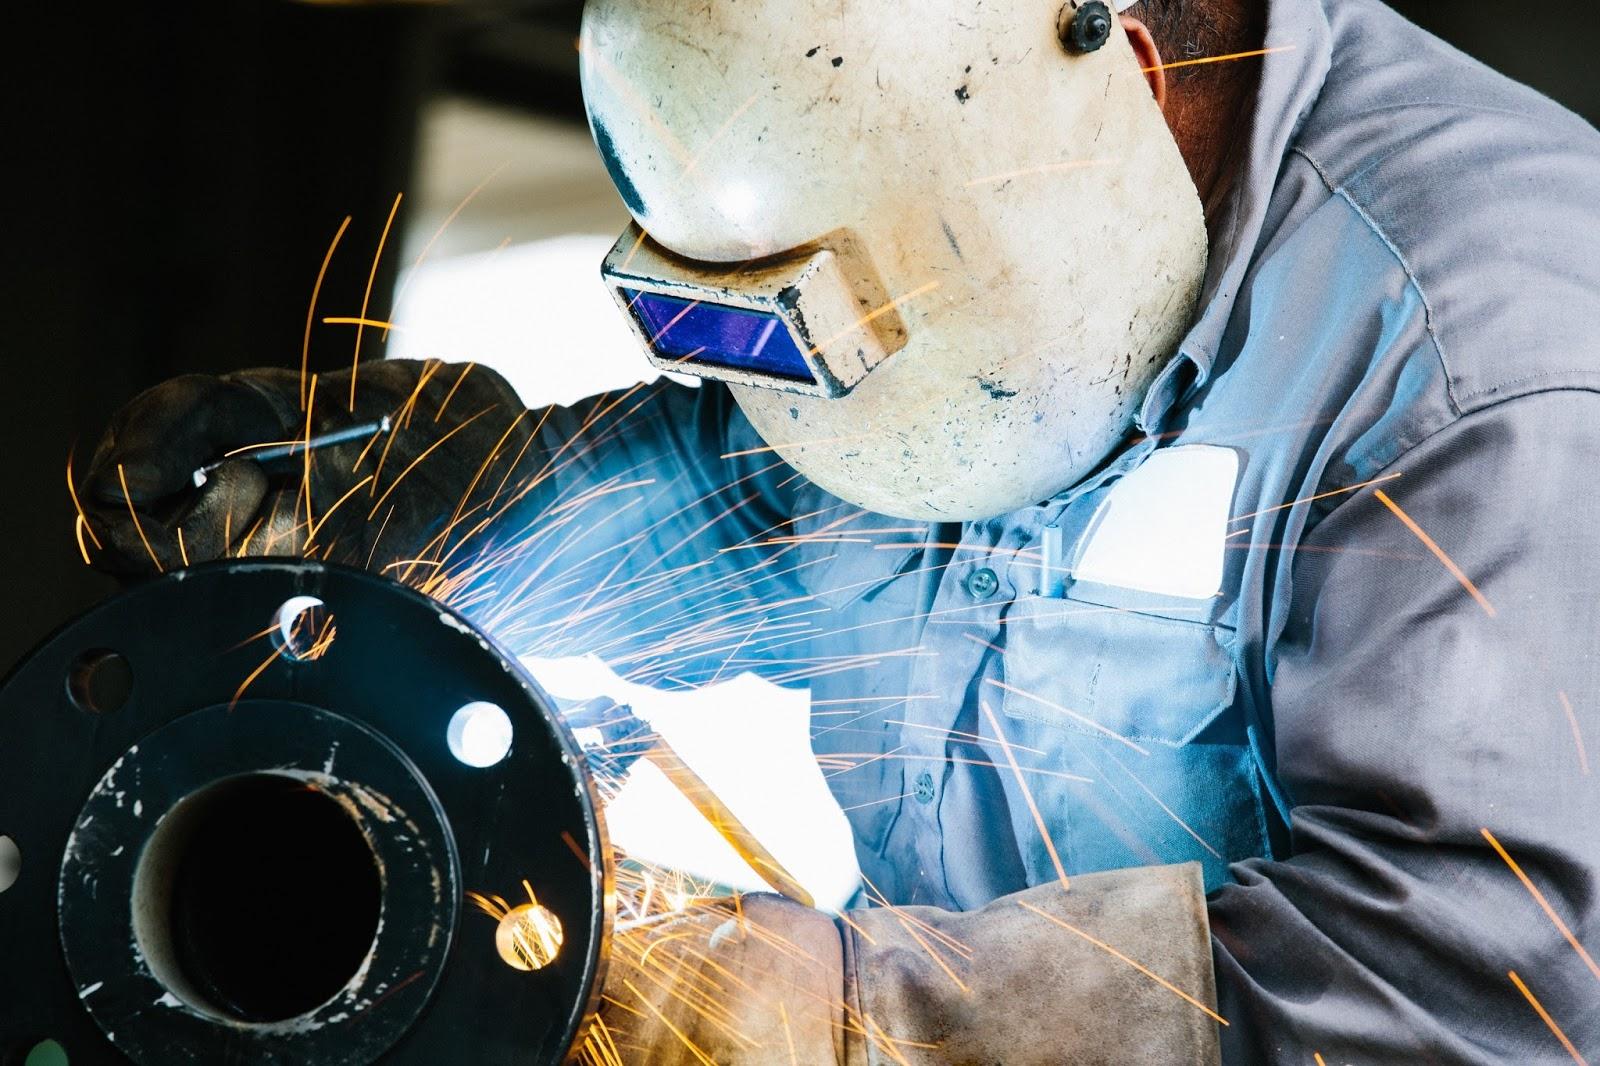 Incentivos para las empresas con baja siniestralidad laboral